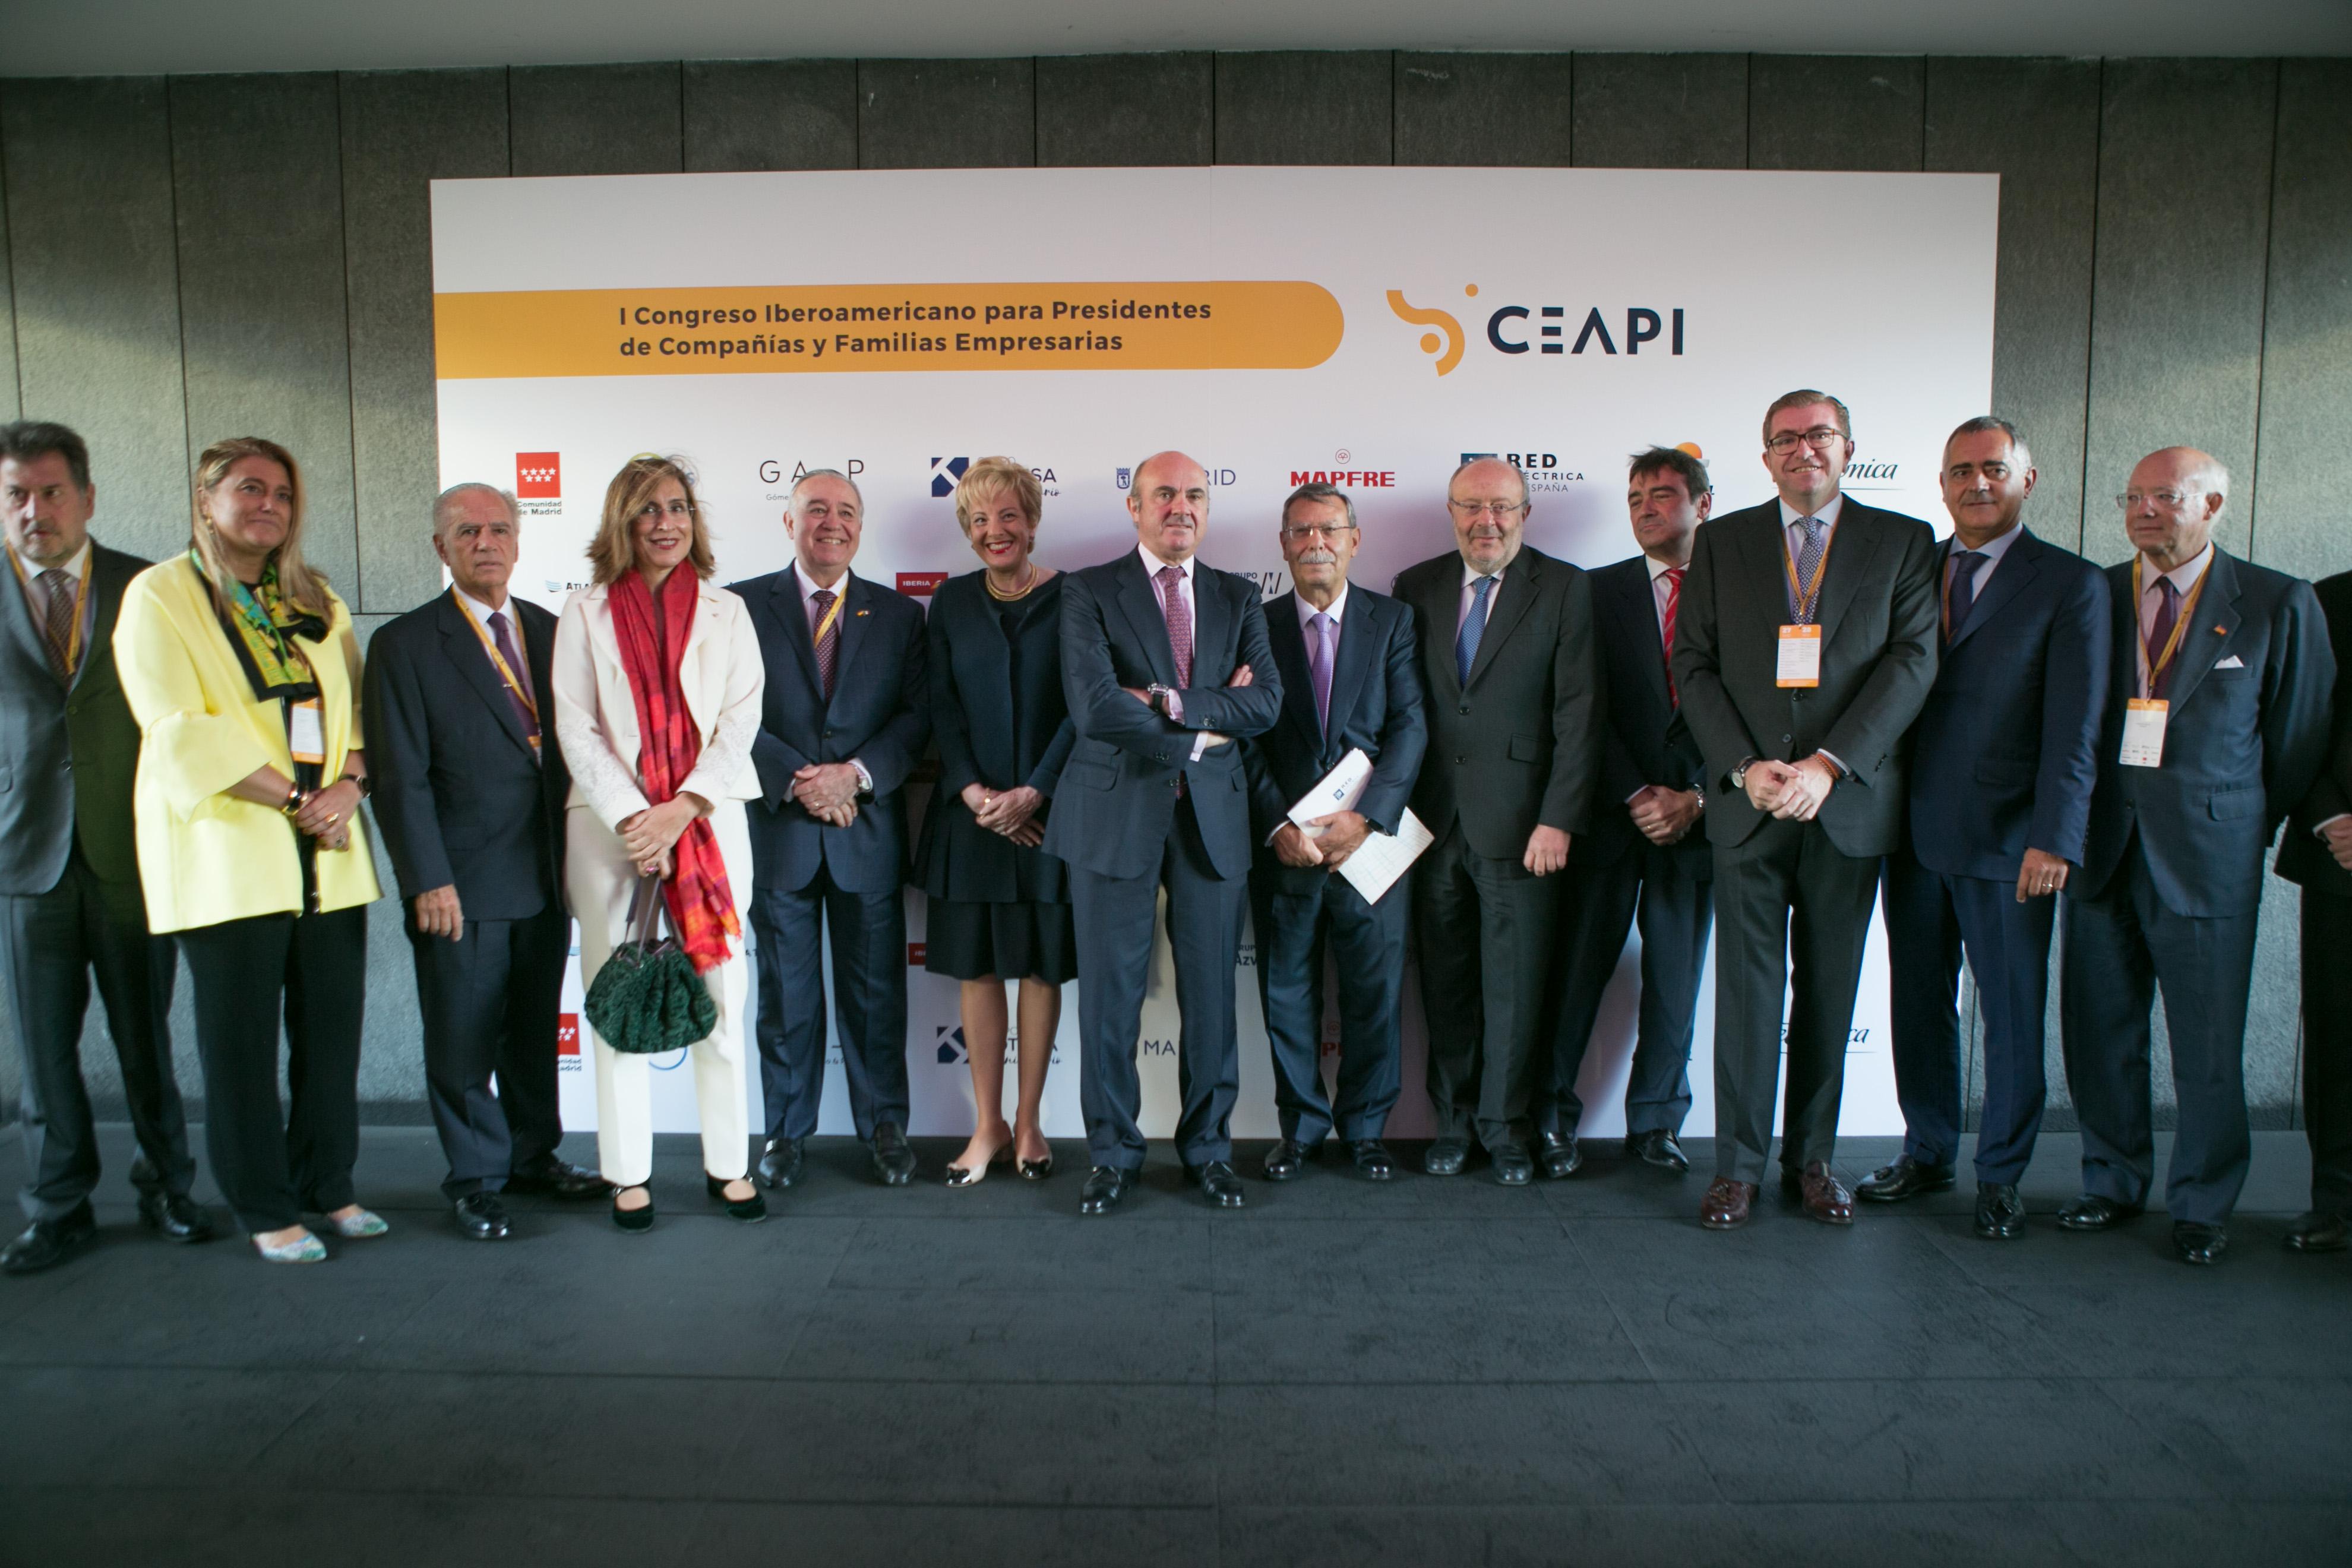 De Guindos y Vilanova subrayan la importancia económica y comercial de Iberoamérica en el I Congreso de CEAPI